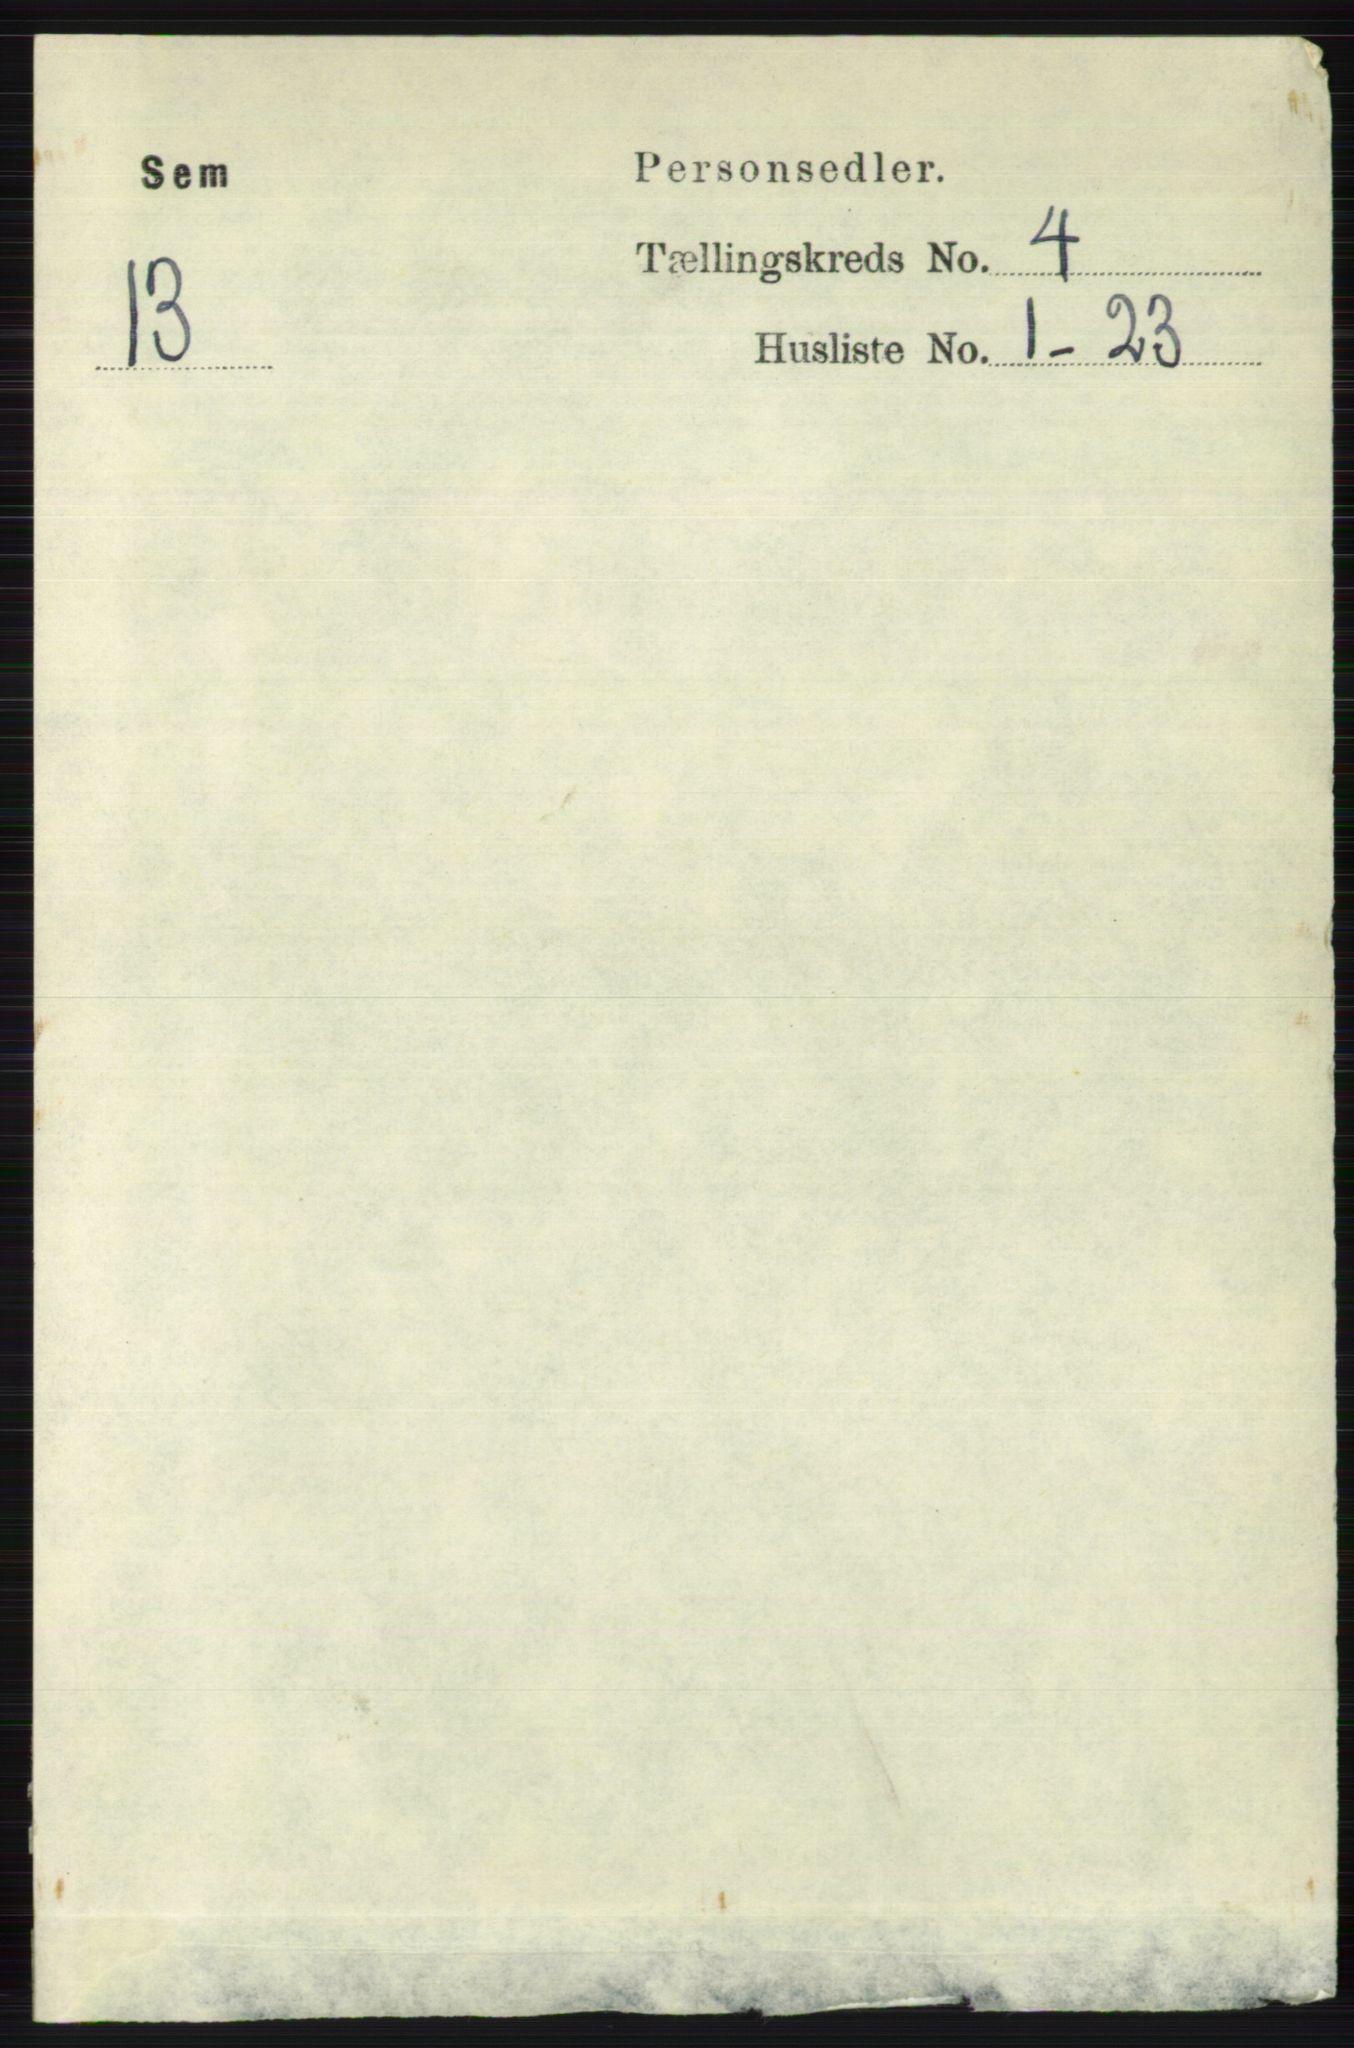 RA, Folketelling 1891 for 0721 Sem herred, 1891, s. 1539